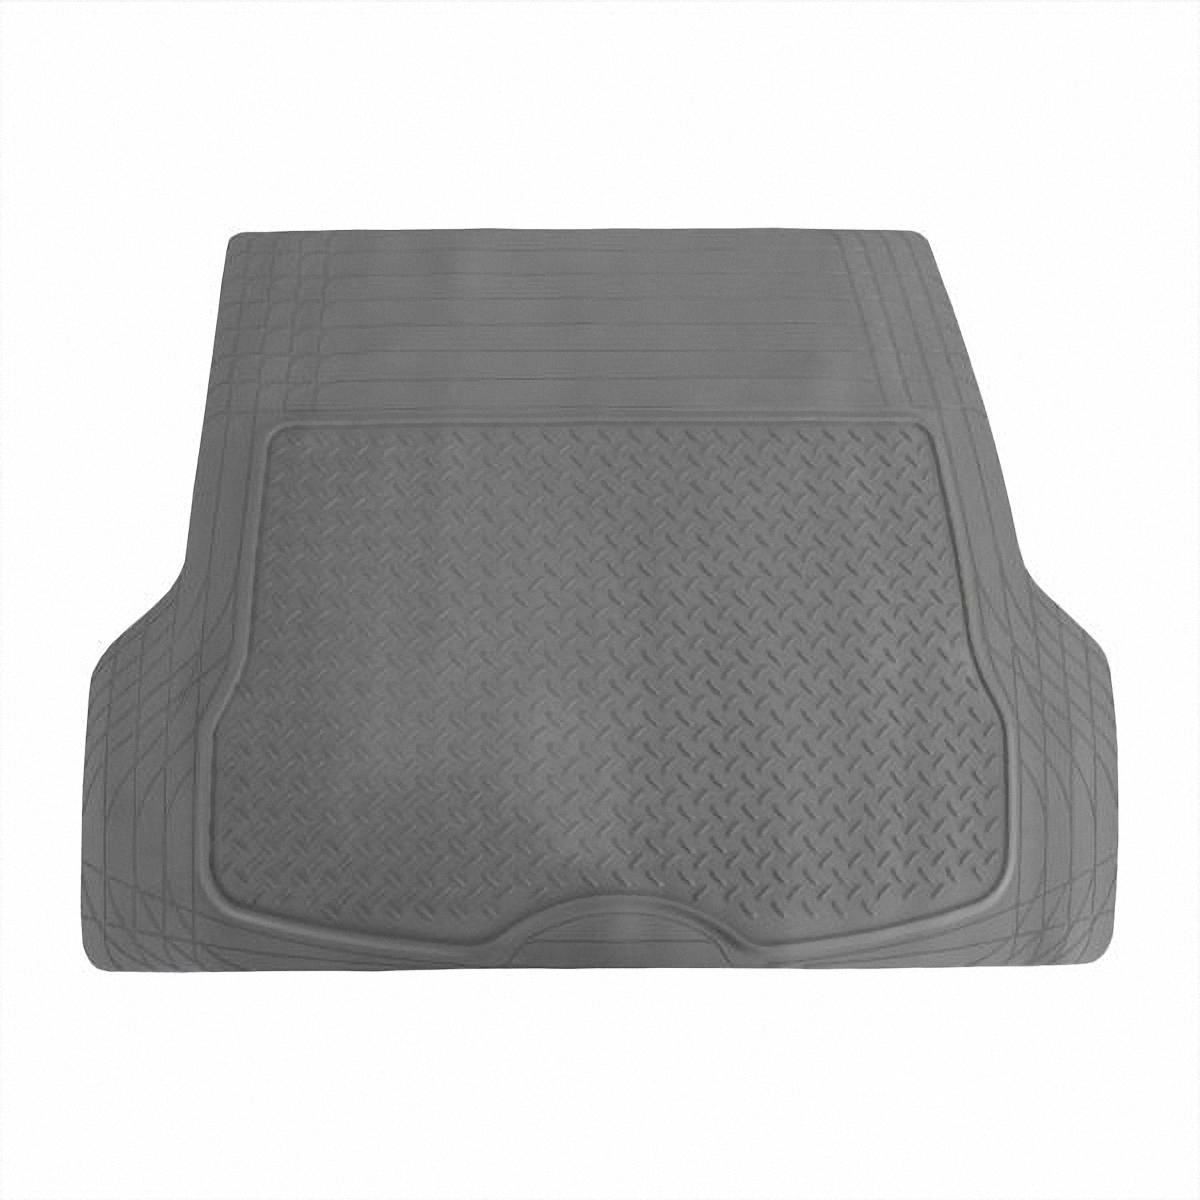 Коврик в салон автомобиля Skyway, в багажник, цвет: серый, 109,5 х 144 смS04701002Коврик сохраняет эластичность даже при экстремально низких и высоких температурах (от -50°С до +50°С). Обладает повышенной устойчивостью к износу и агрессивным средам, таким как антигололёдные реагенты, масло и топливо. Усовершенствованная конструкция изделия обеспечивает плотное прилегание и надёжную фиксацию коврика на полу автомобиля. Размер: 109,5 х 144 см.